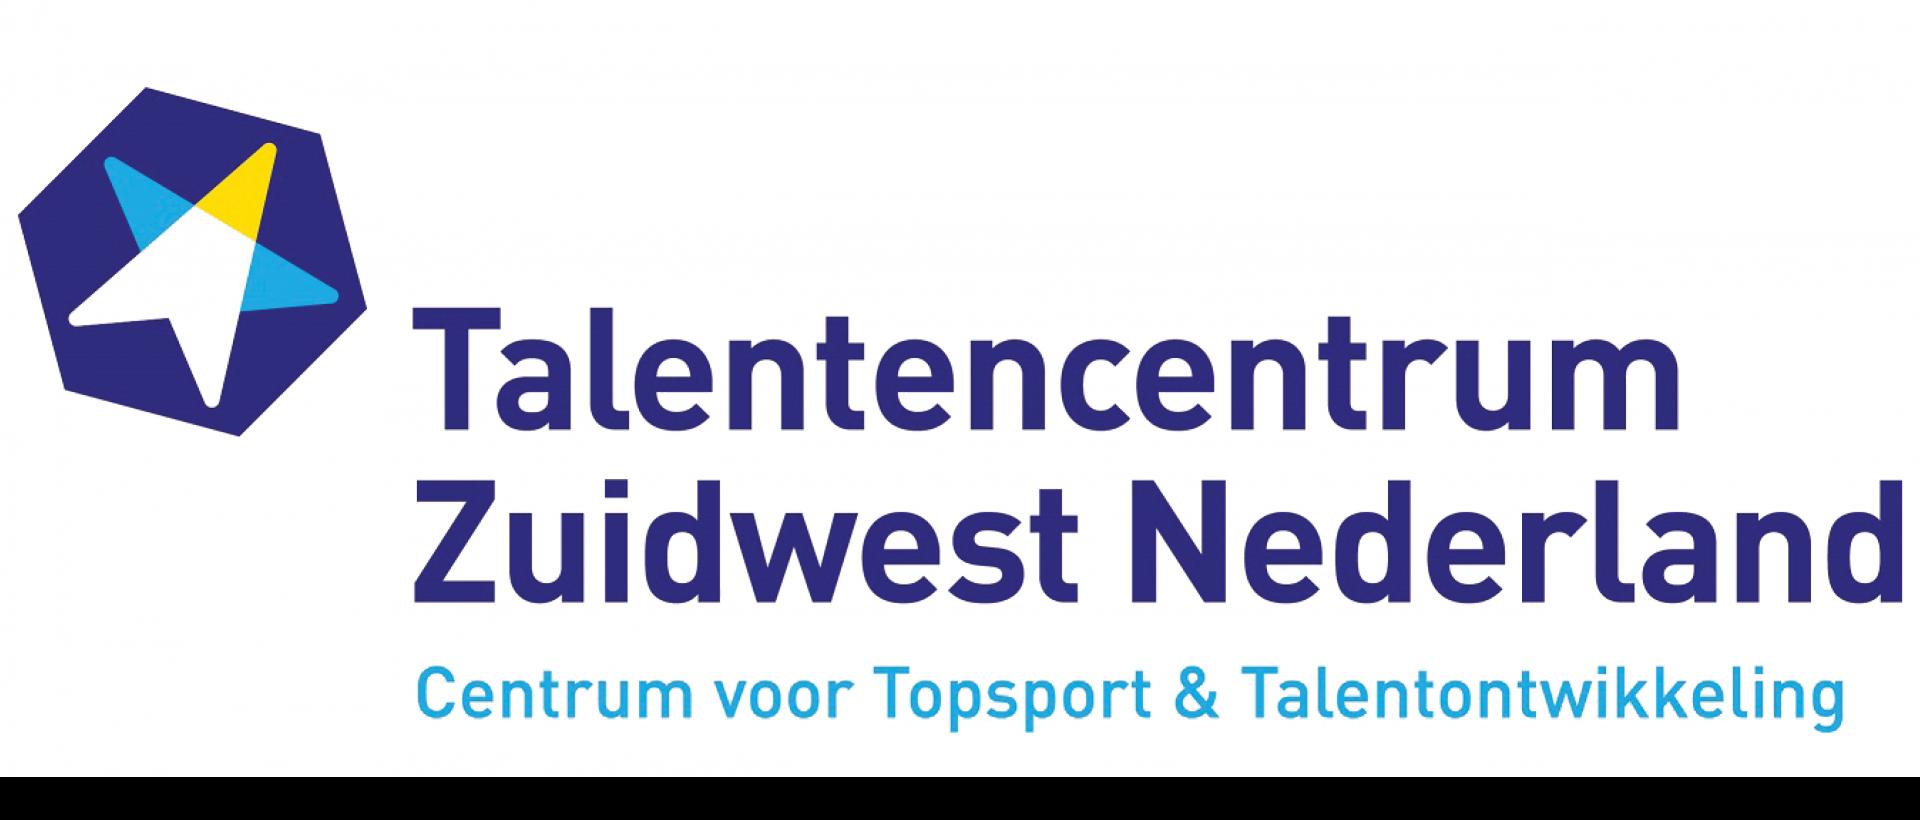 Talentencentrum Zuidwest Nederland